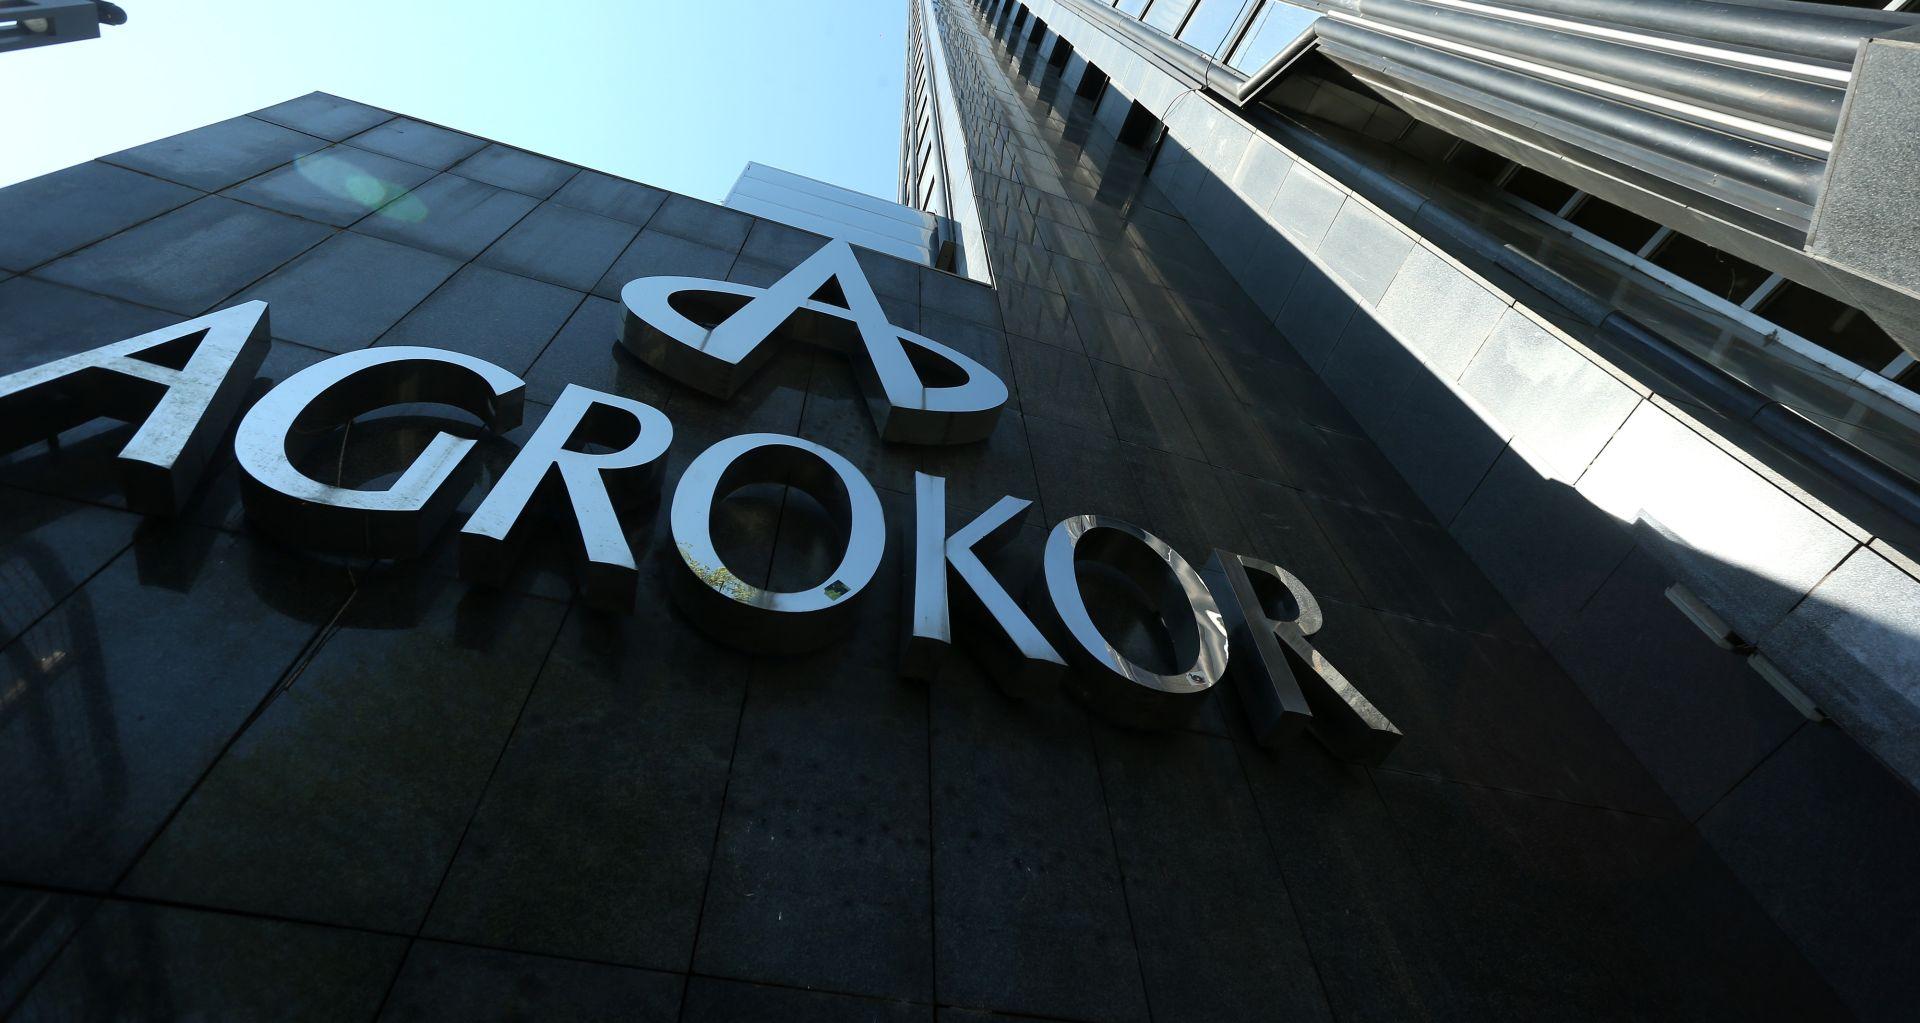 Crnogorsku tvrtku Merkator nije pogodila kriza u Agrokoru